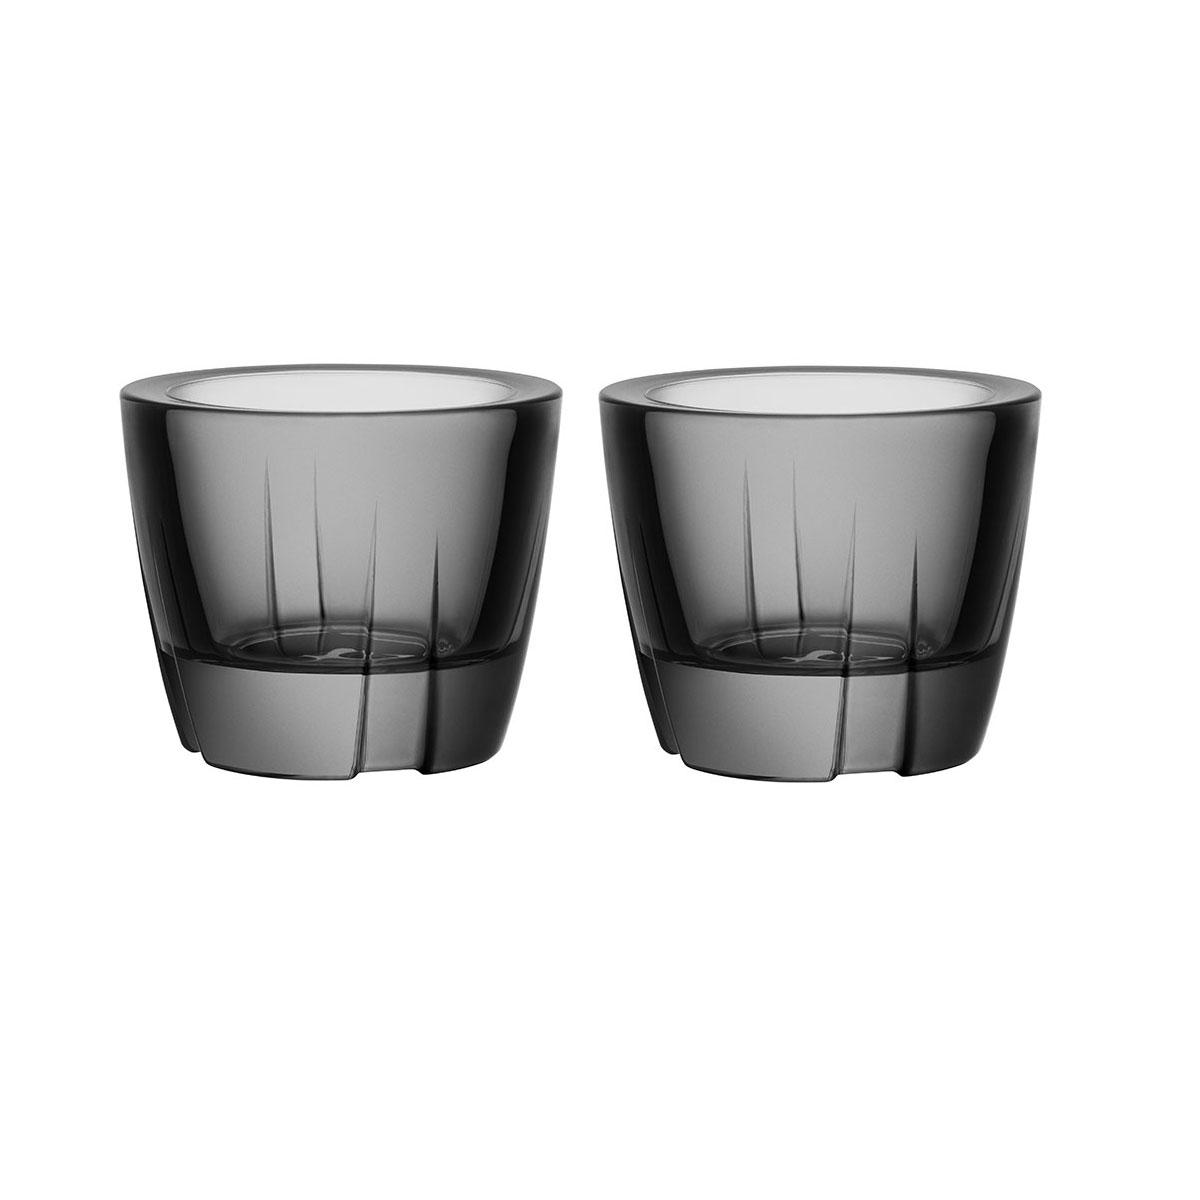 Kosta Boda Bruk Crystal Votive Smoke Grey Anything Crystal Bowl, Pair